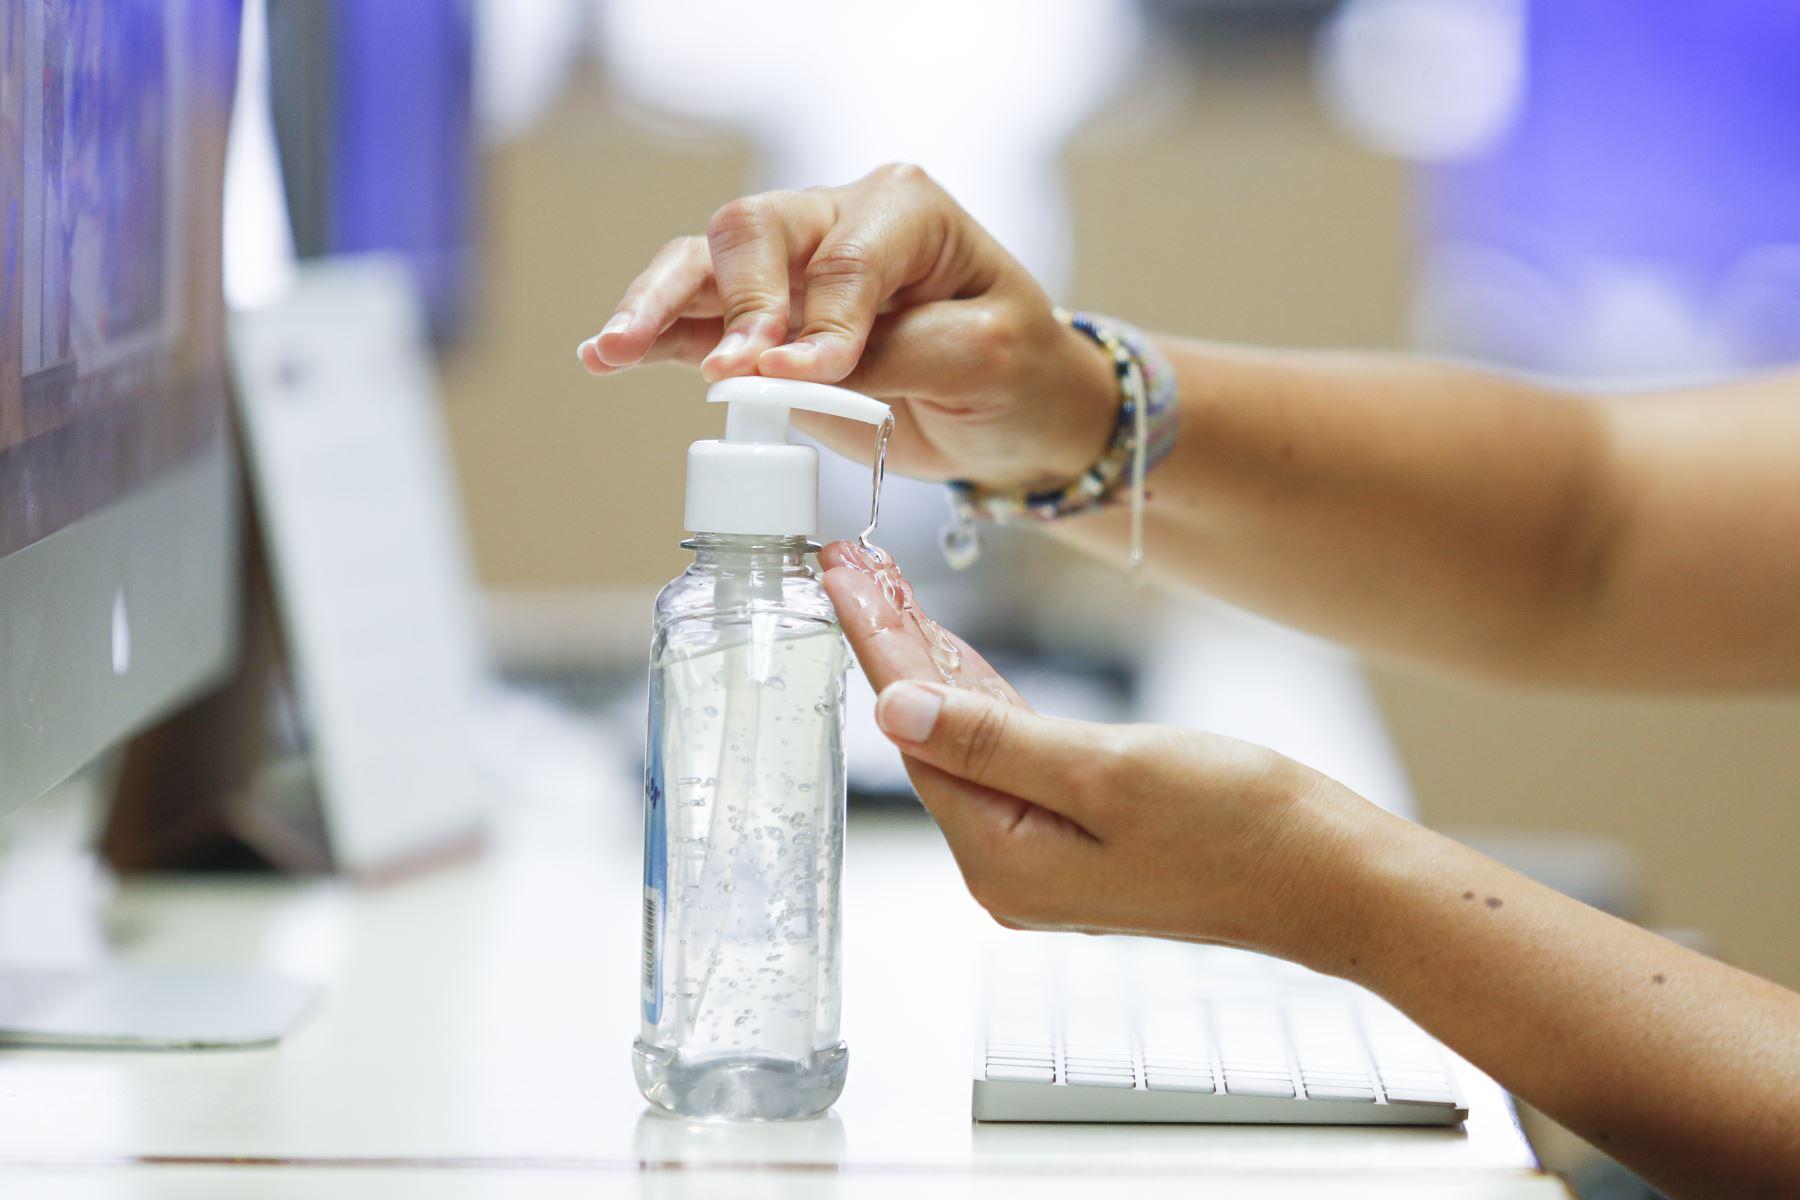 Atención! Uso excesivo de alcohol en gel puede afectar la piel de los niños | Noticias | Agencia Peruana de Noticias Andina